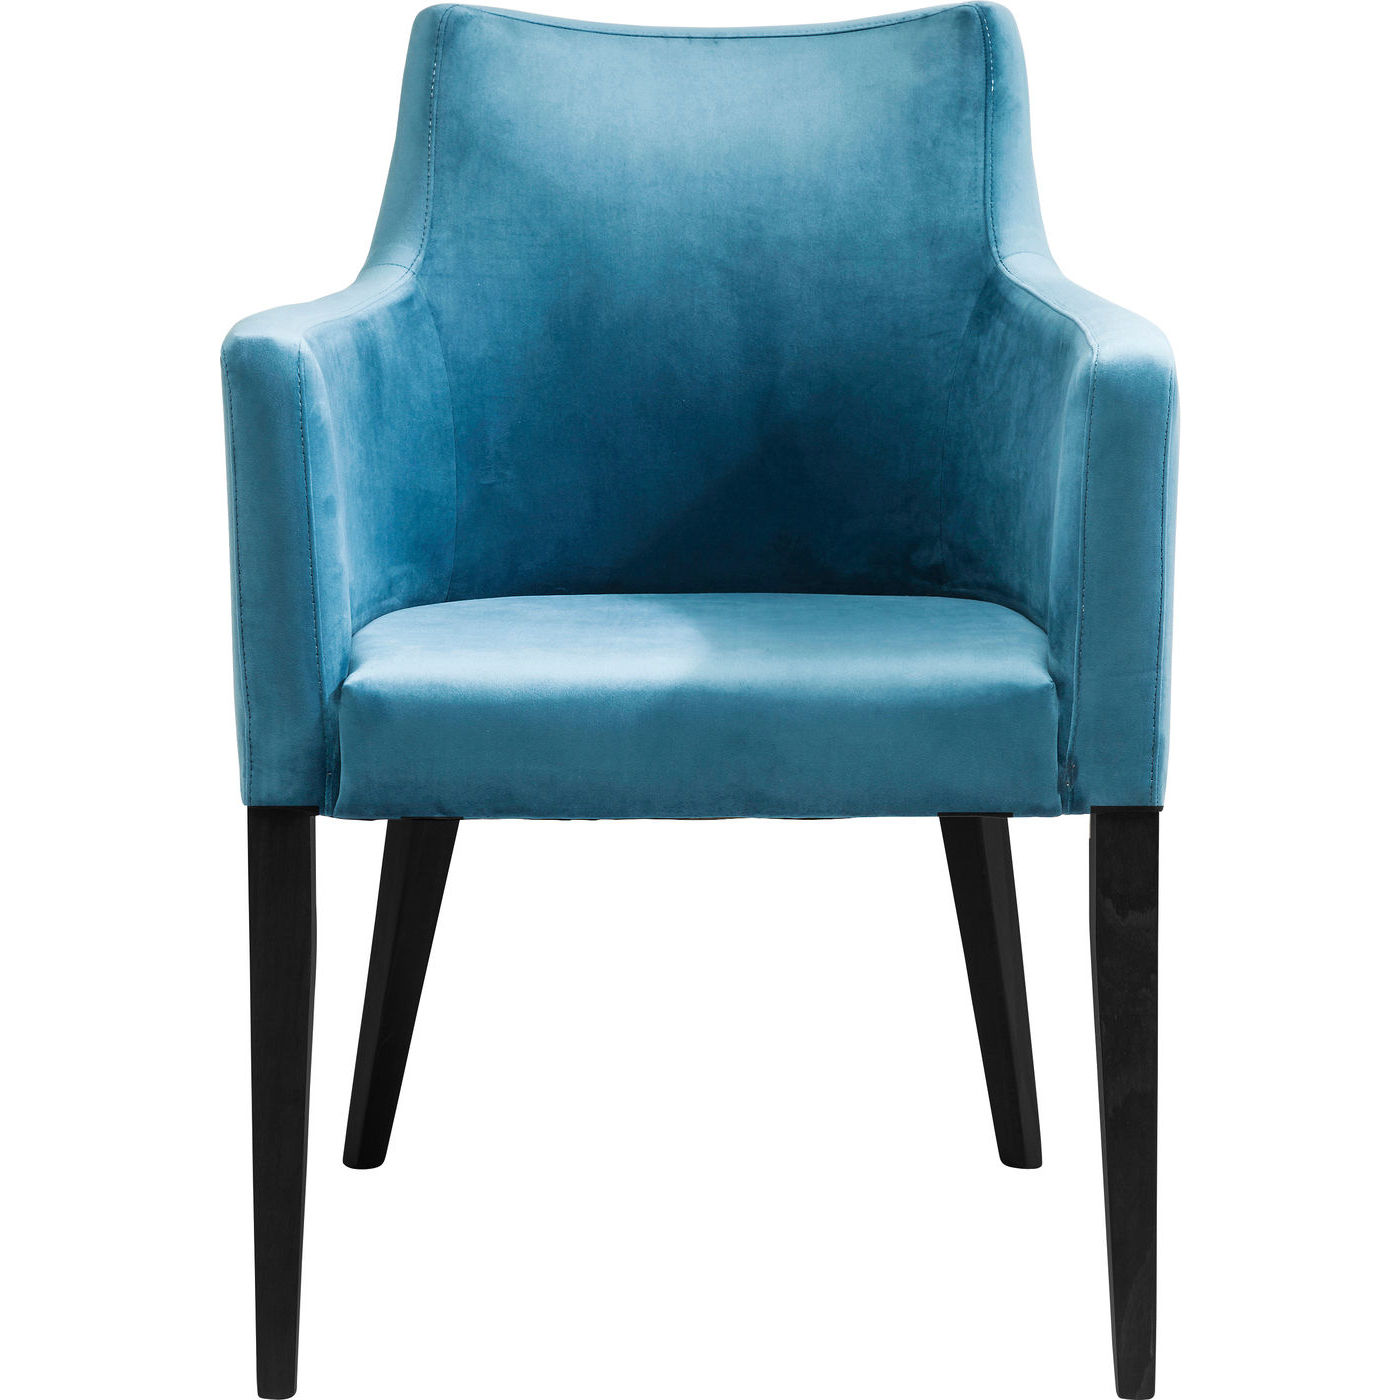 Image of   KARE DESIGN Black Mode Velvet Bluegreen lænestol - blå/grønt stof og bøg, m. armlæn